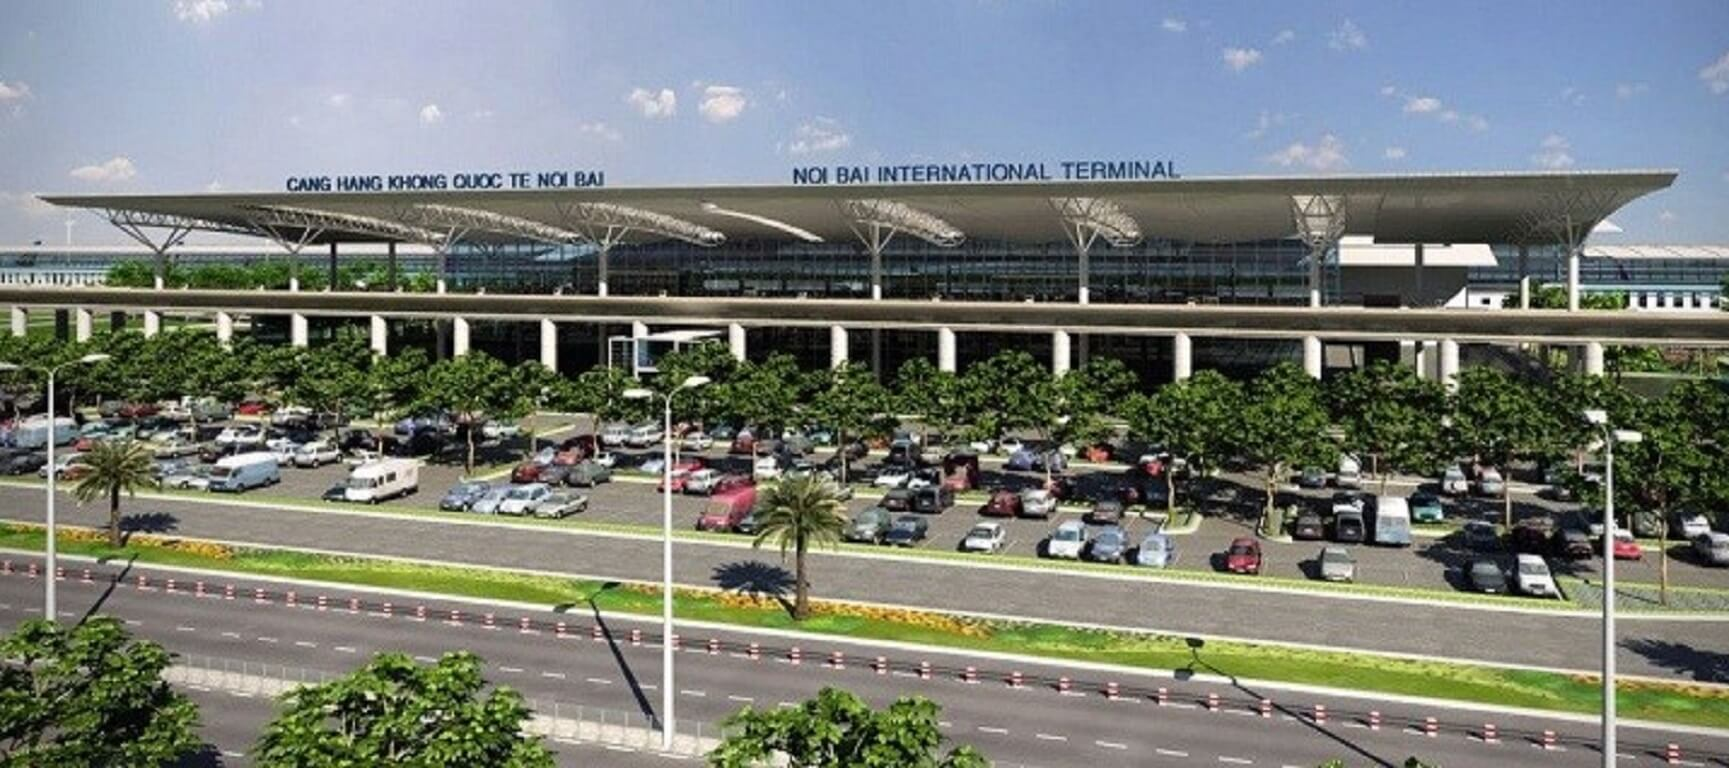 Sân bay quốc tế Nội Bài